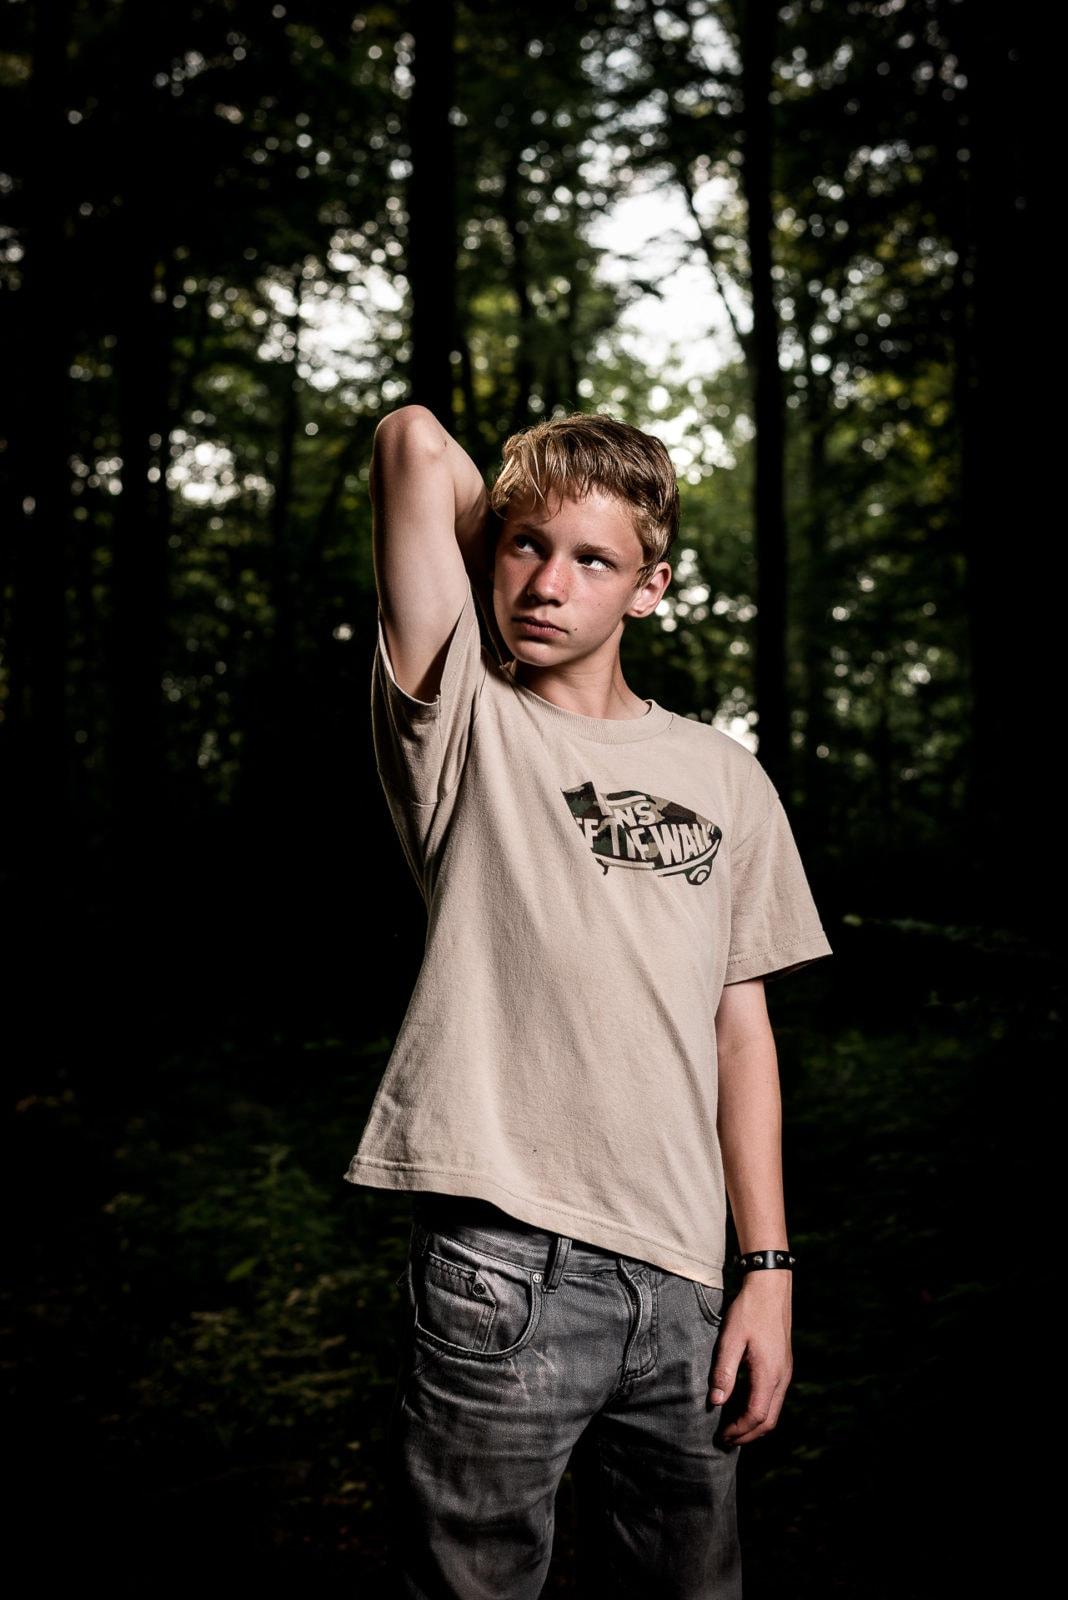 Teenager Inszenierung Shooting on Location Fotograf & Foto-Designer Markus Mielek Dortmund Ruhrgebiet Deutschland